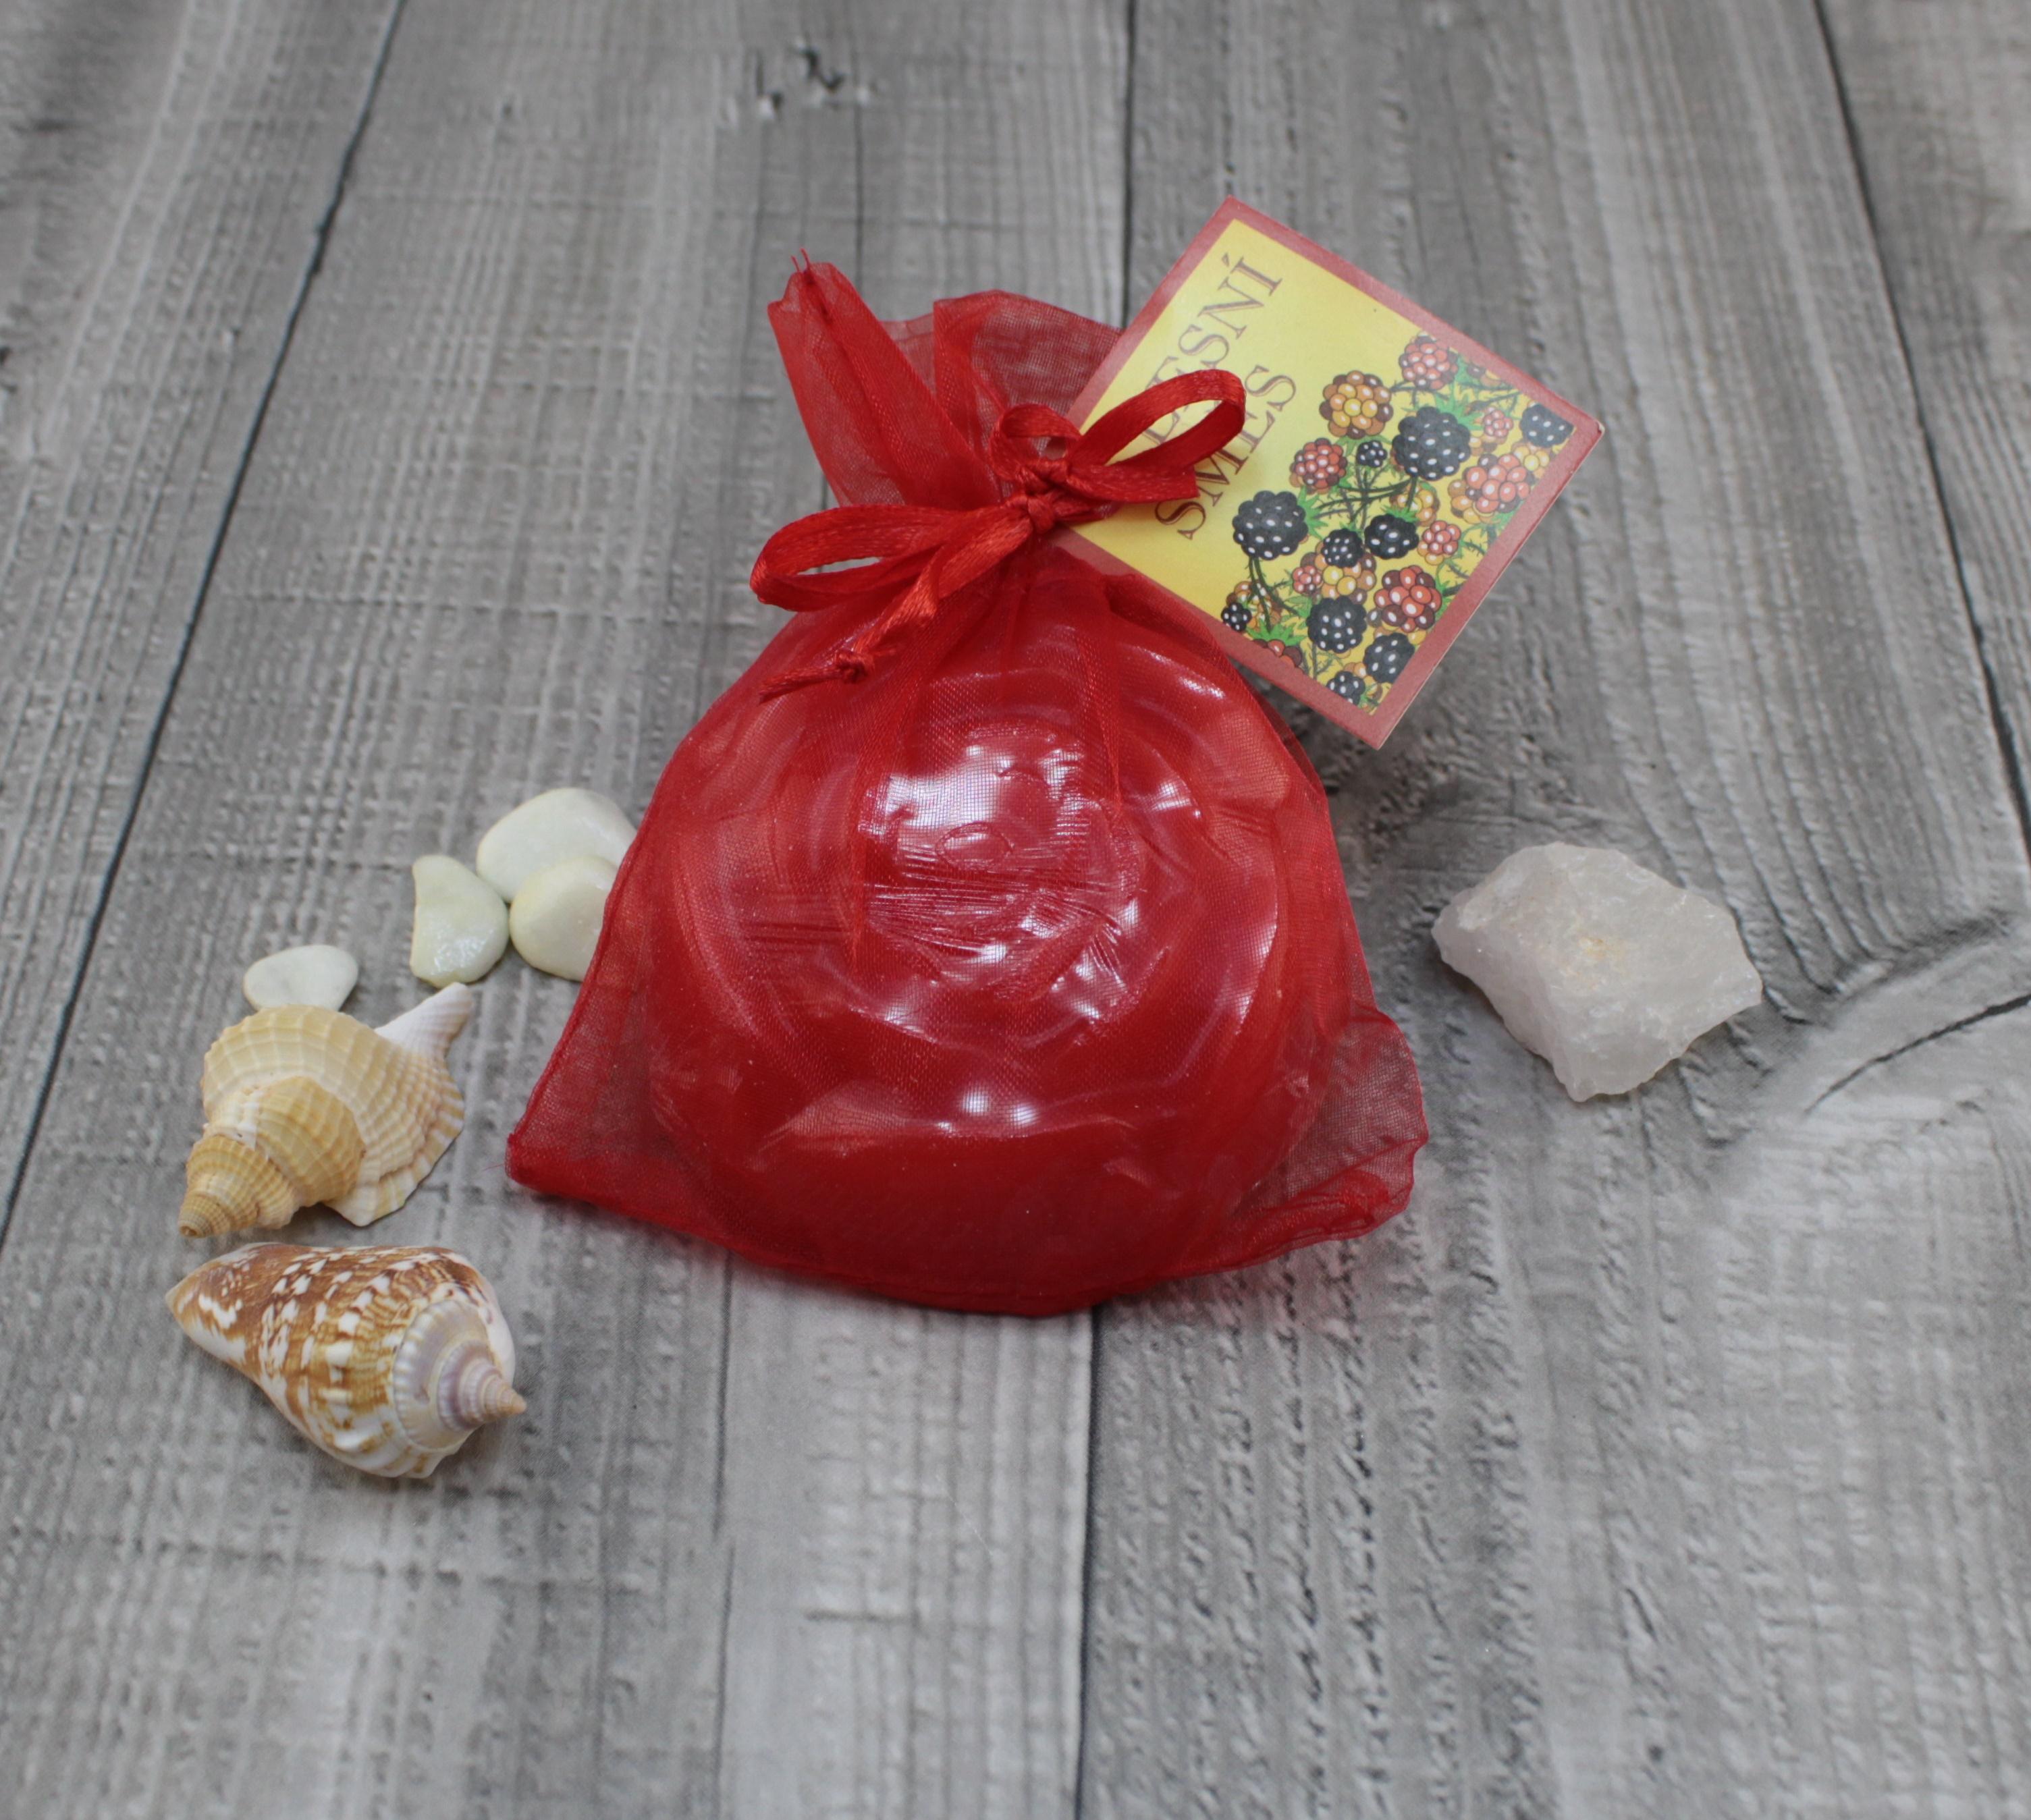 Mýdlo růže lesní směs 90g Barva: Červená